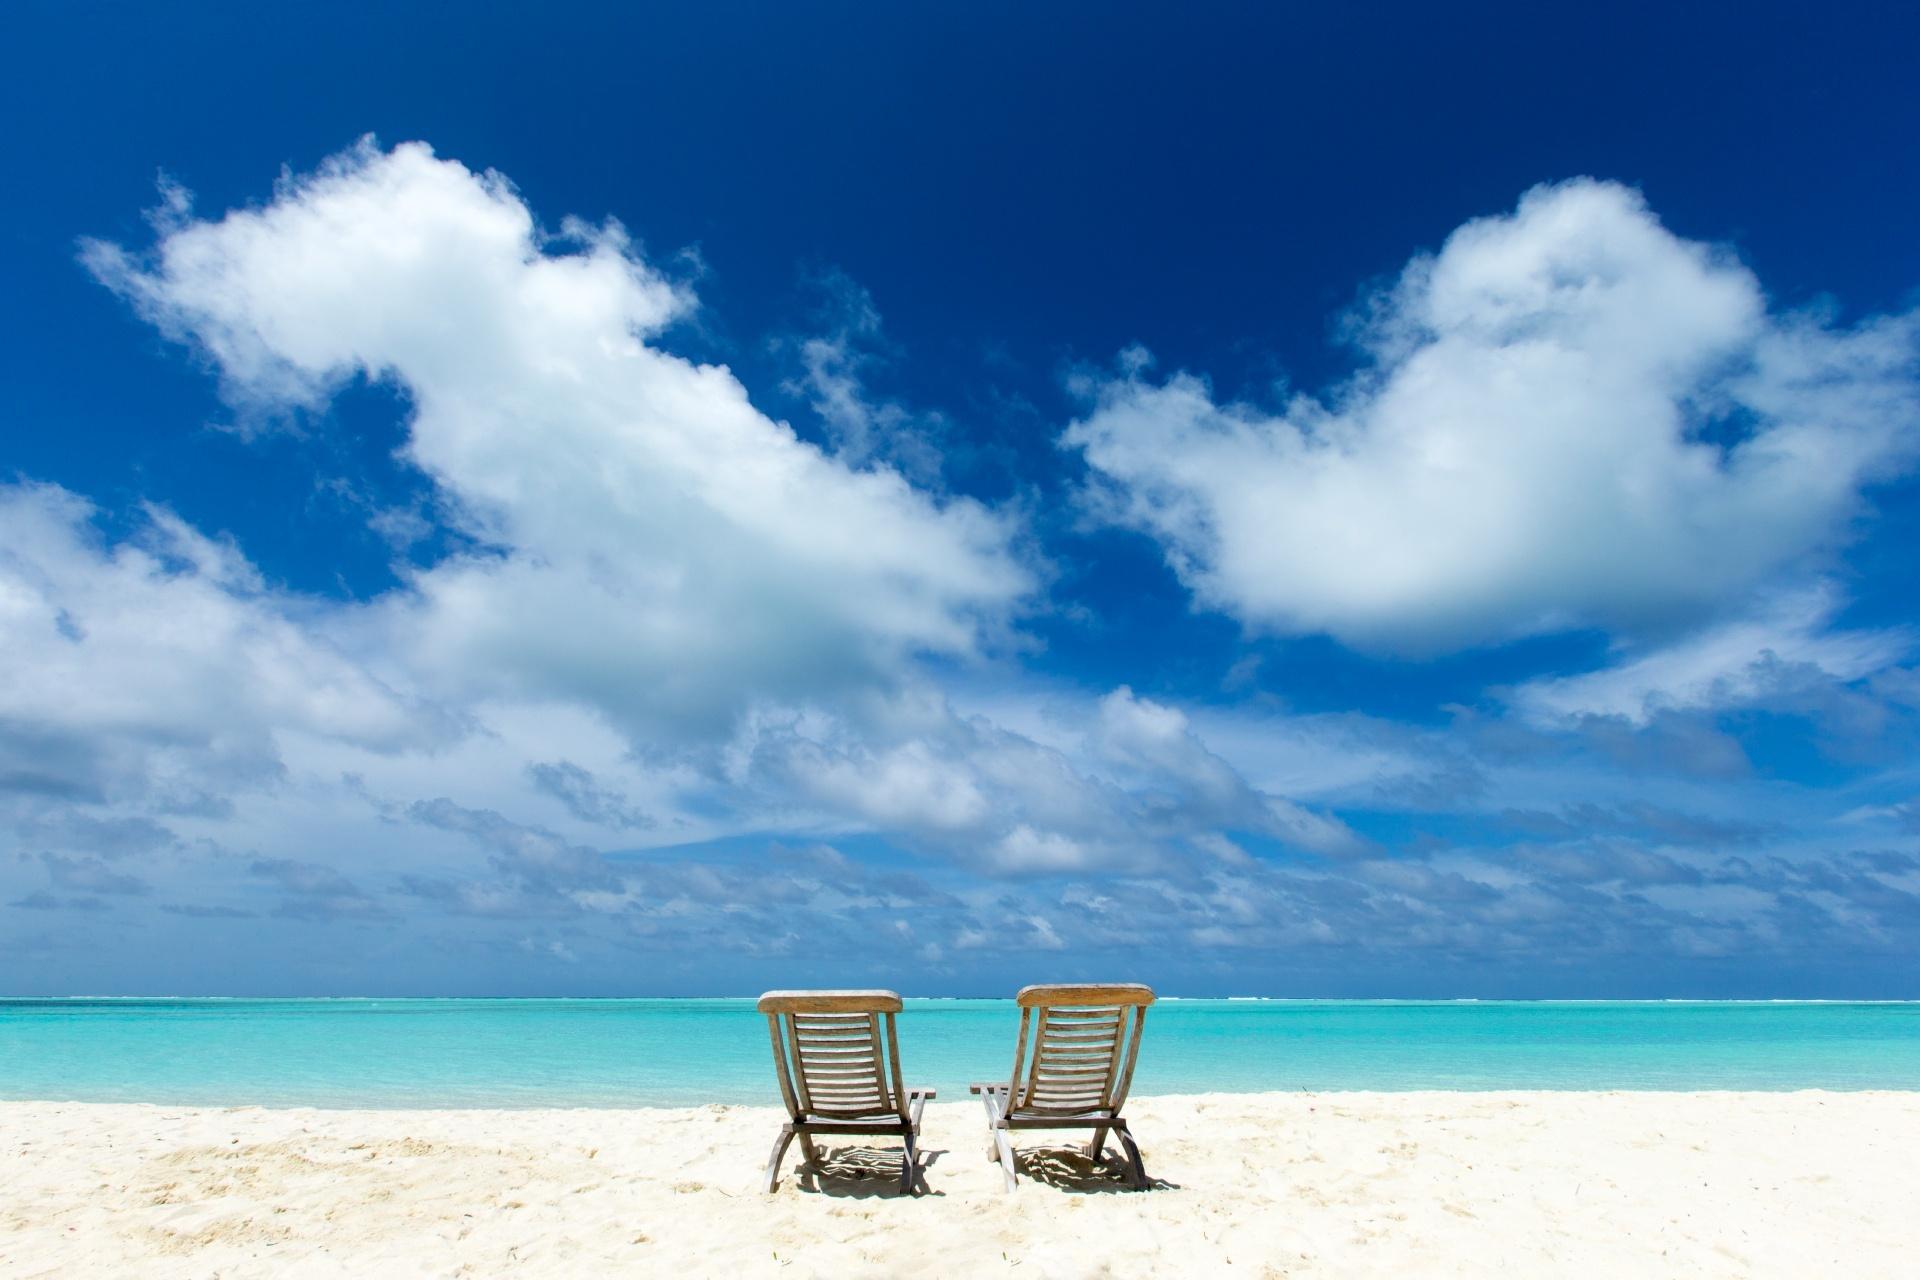 青い空と美しい海とビーチの風景 モルディブの風景